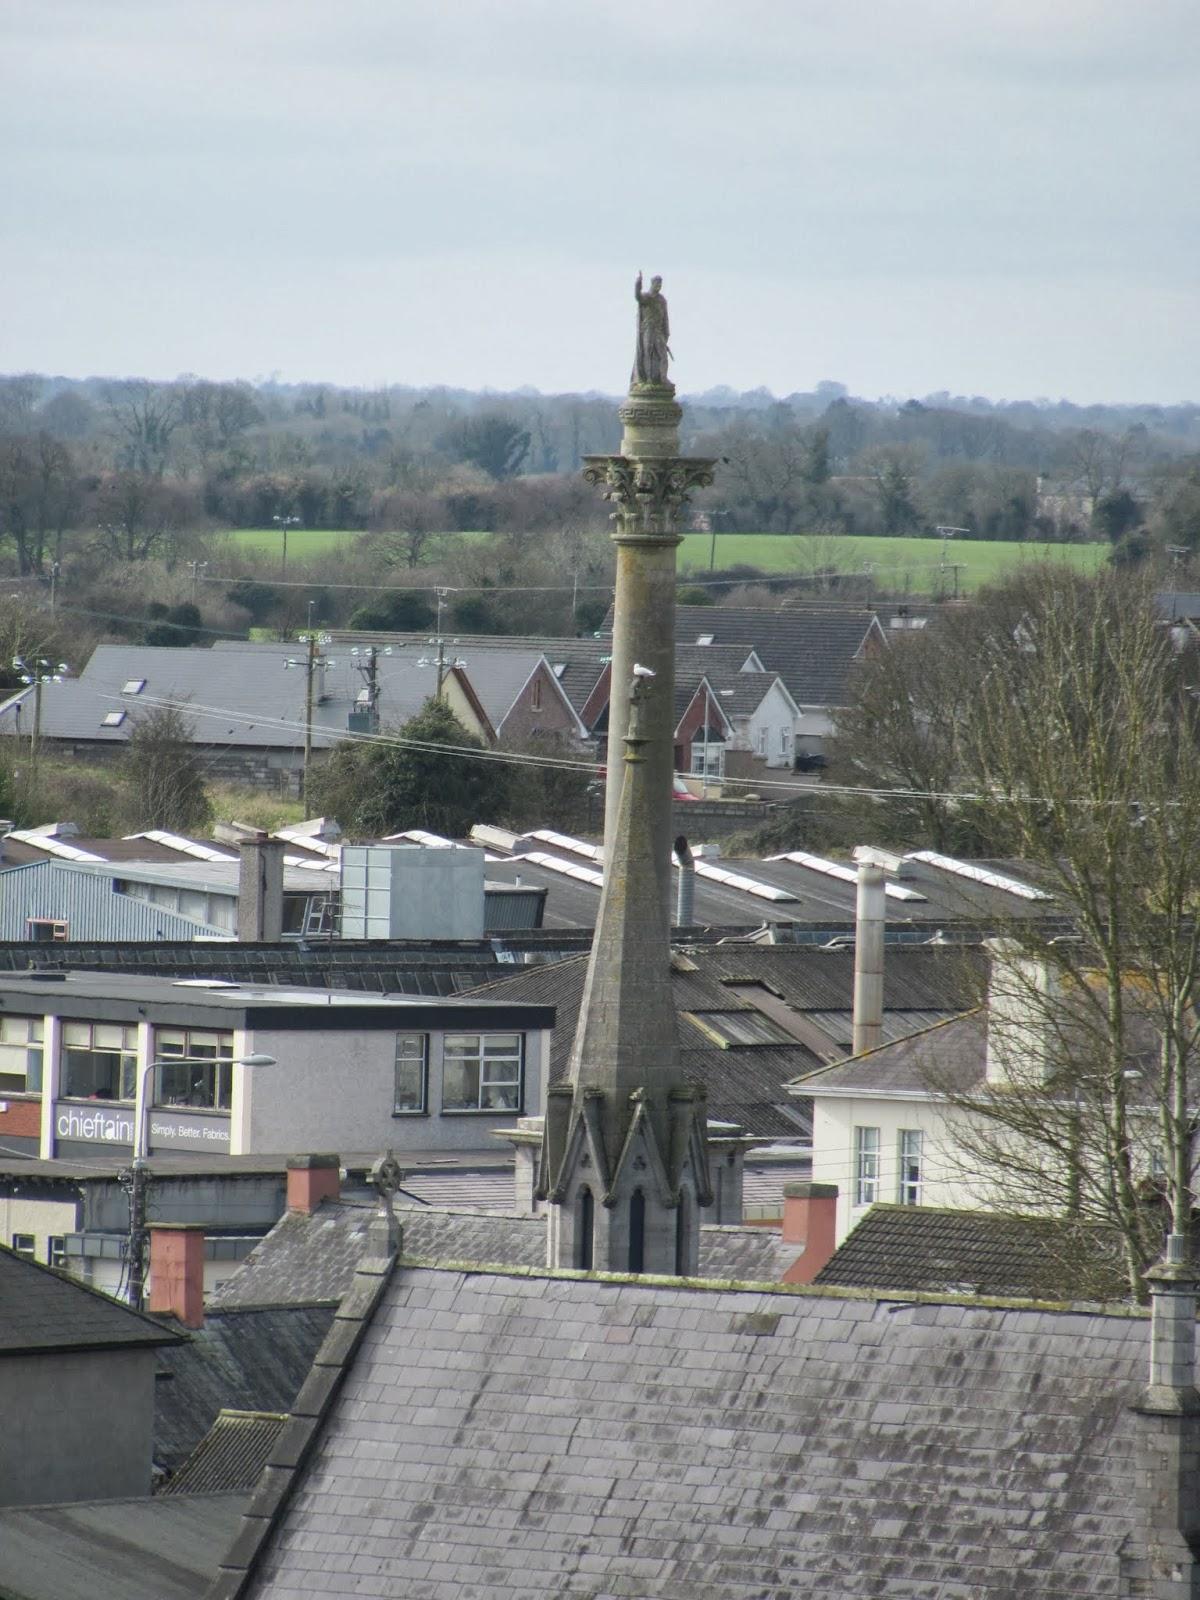 Wellington Monument in Trim, Ireland